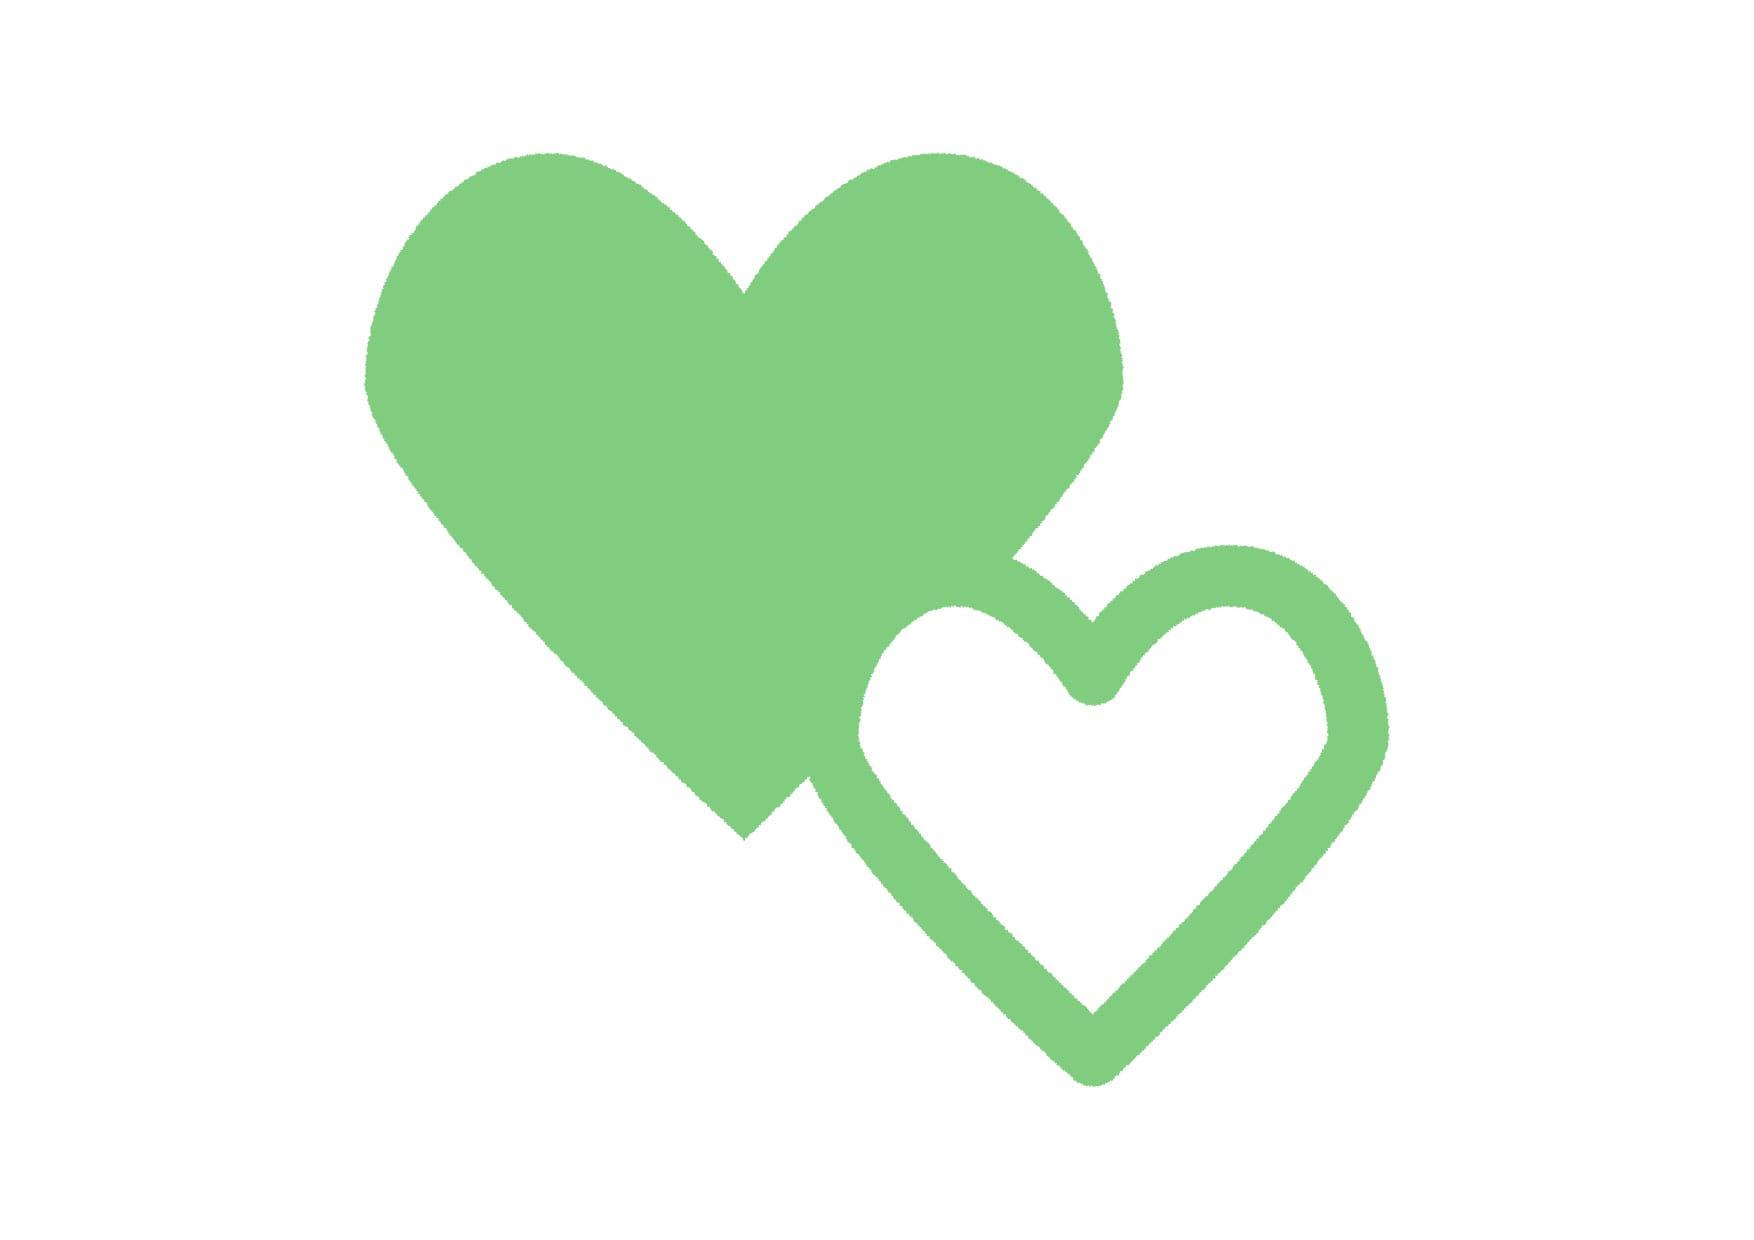 可愛いイラスト無料|ハートマーク 緑色 − free illustration Heart symbol green